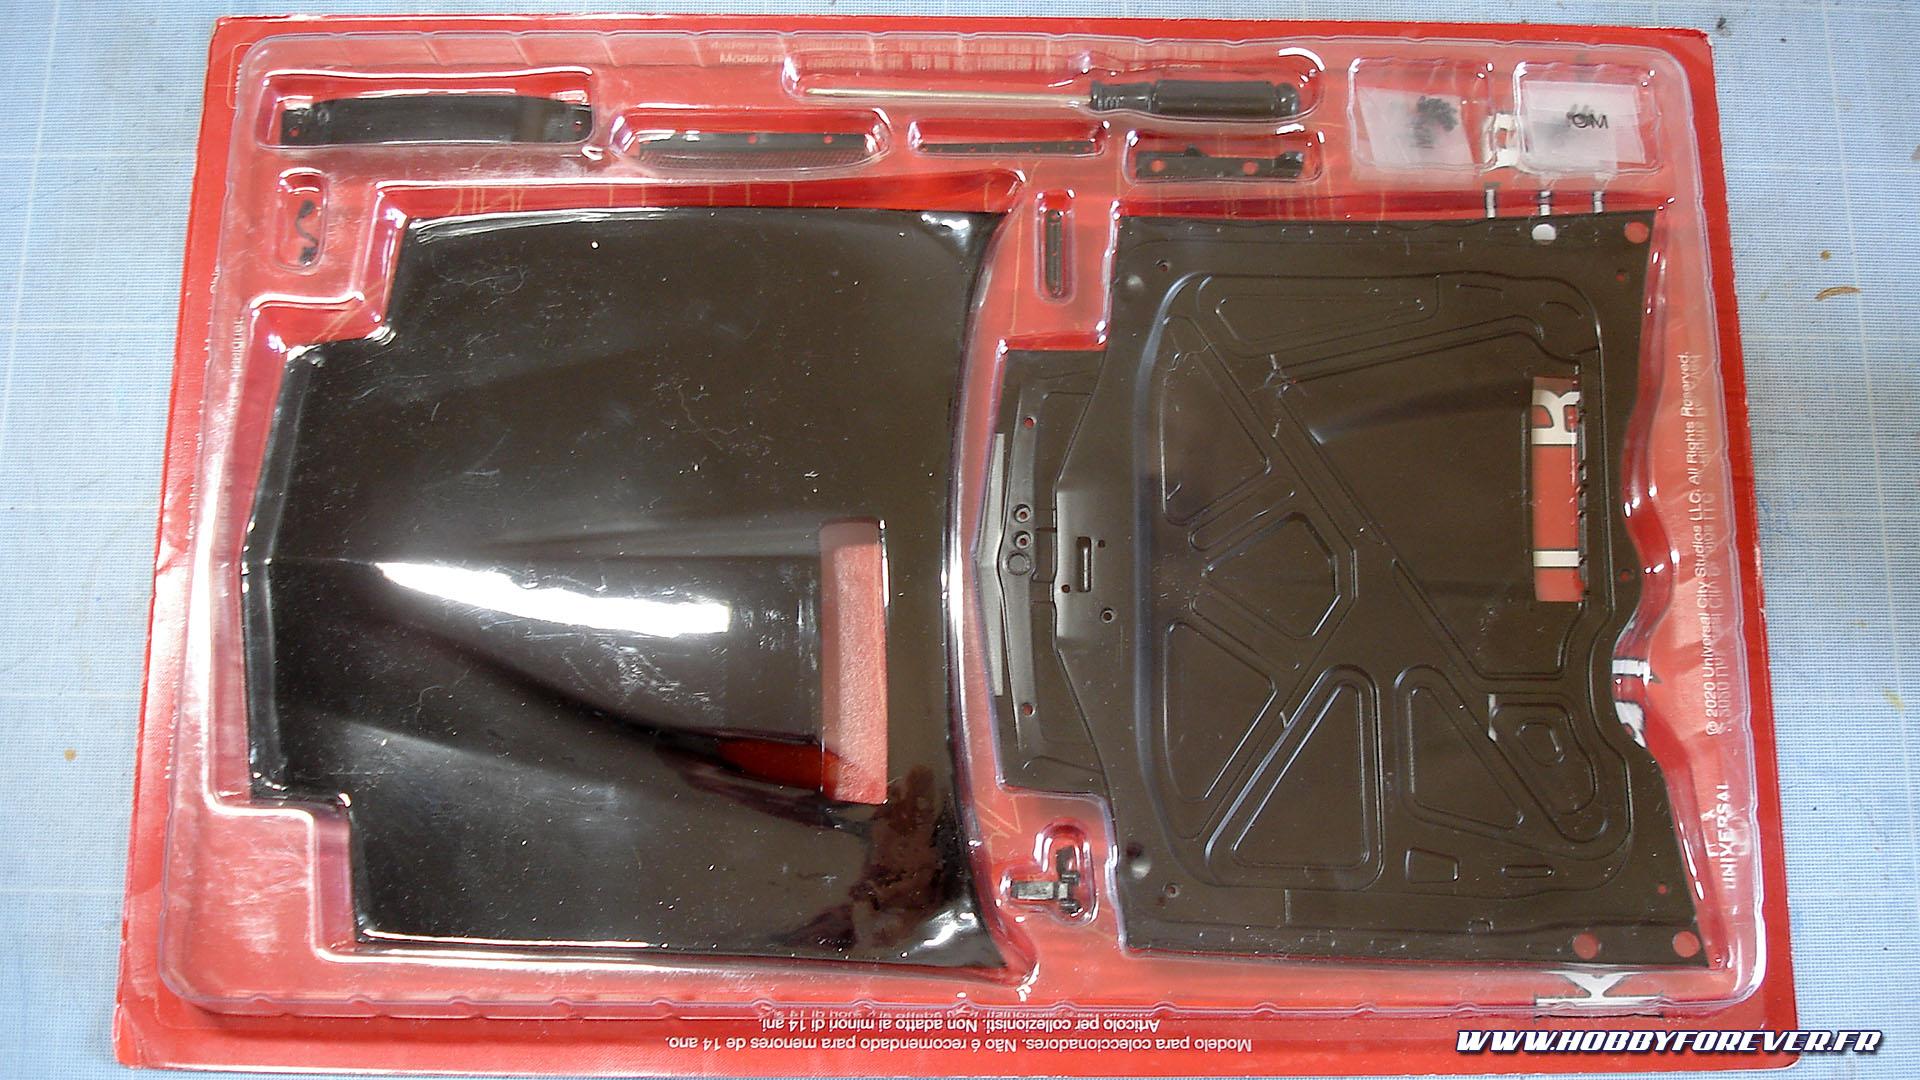 Découverte des fascicules 1 à 5 de KITT, la voiture de K2000, au 1/8 par Altaya